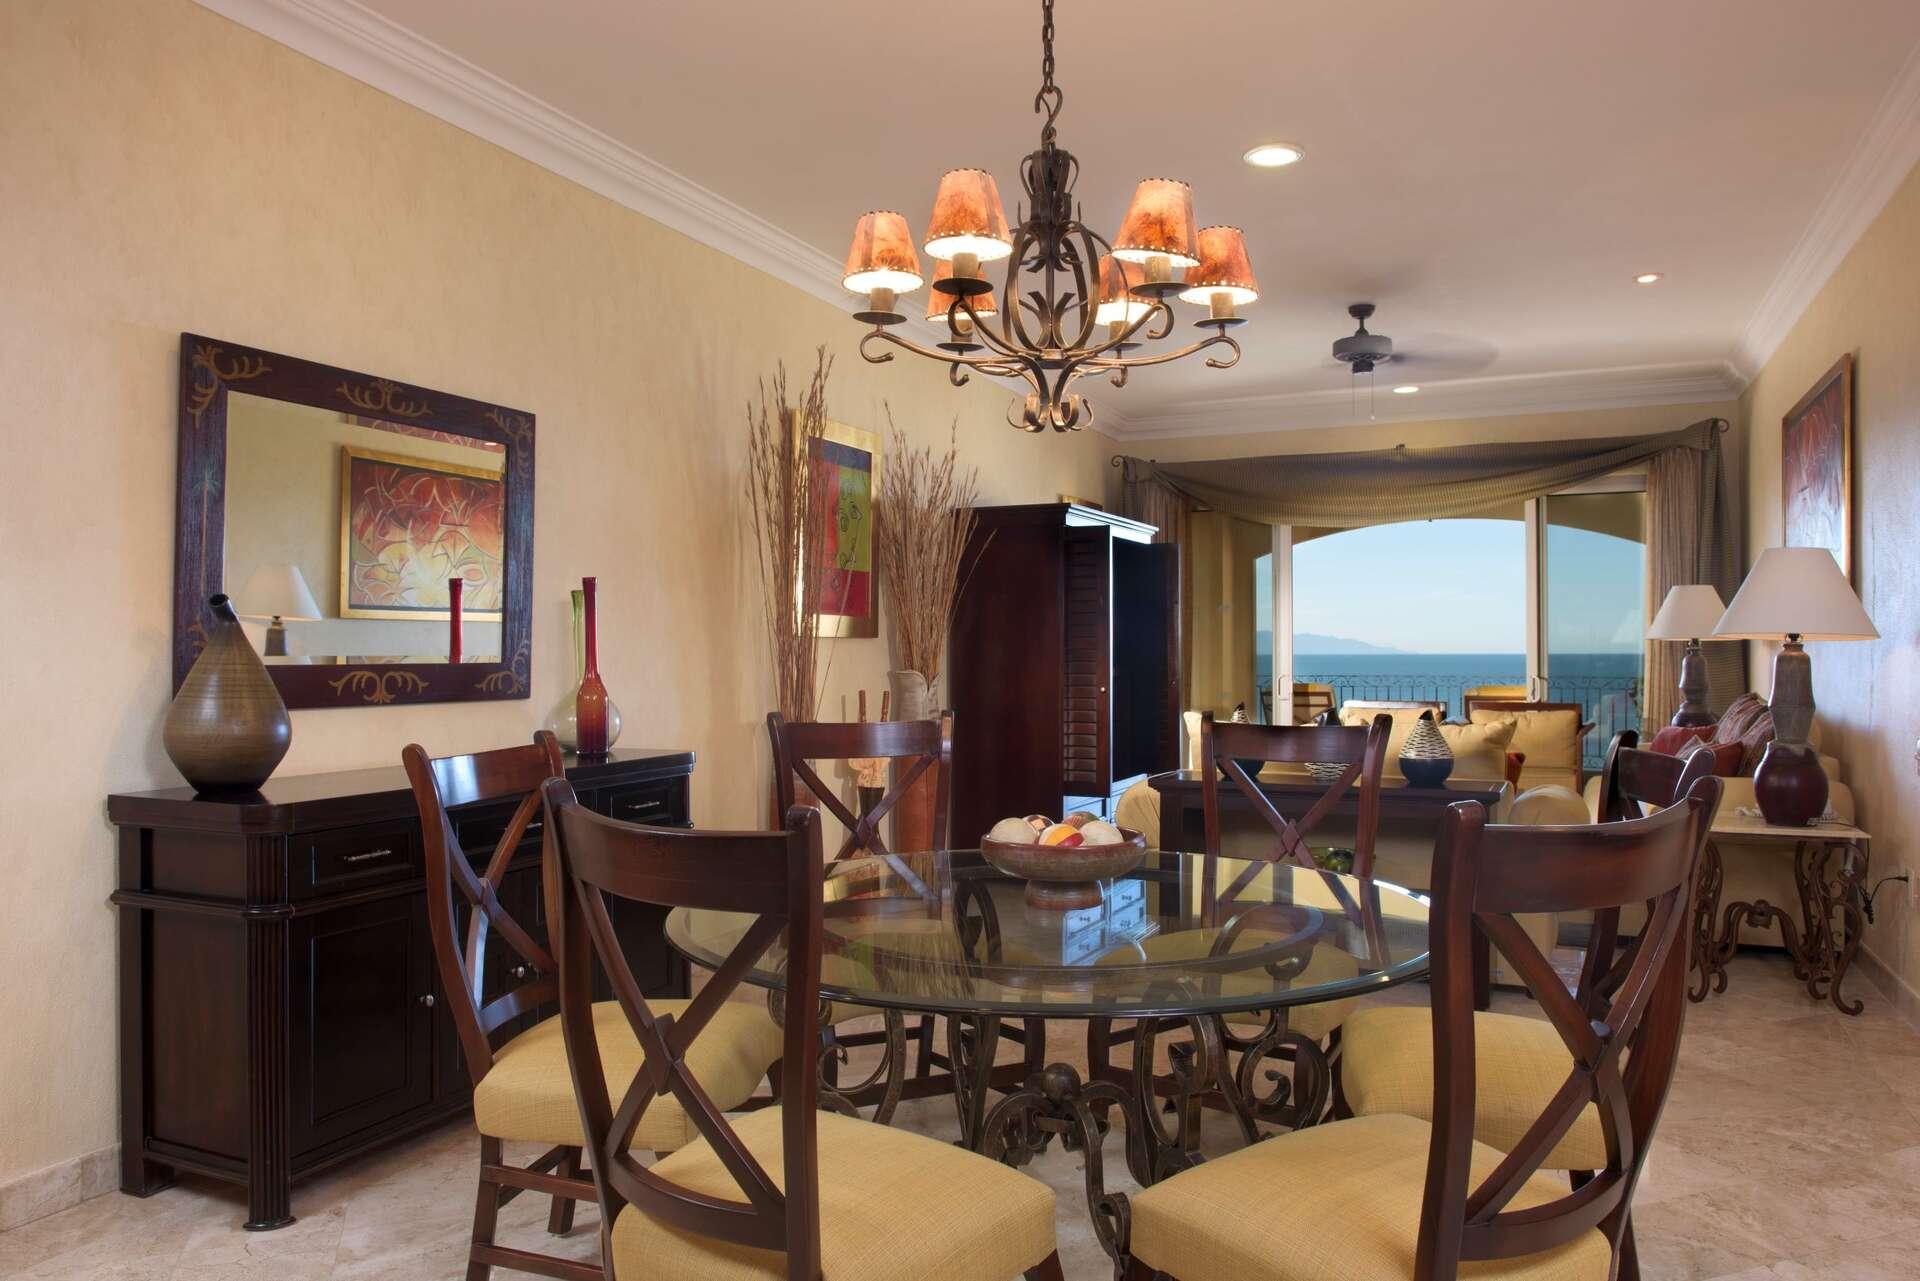 Luxury vacation rentals mexico - Nuevo vallarta - Villa la estancia riviera nayarit - Two Bedroom Suite - Image 1/26